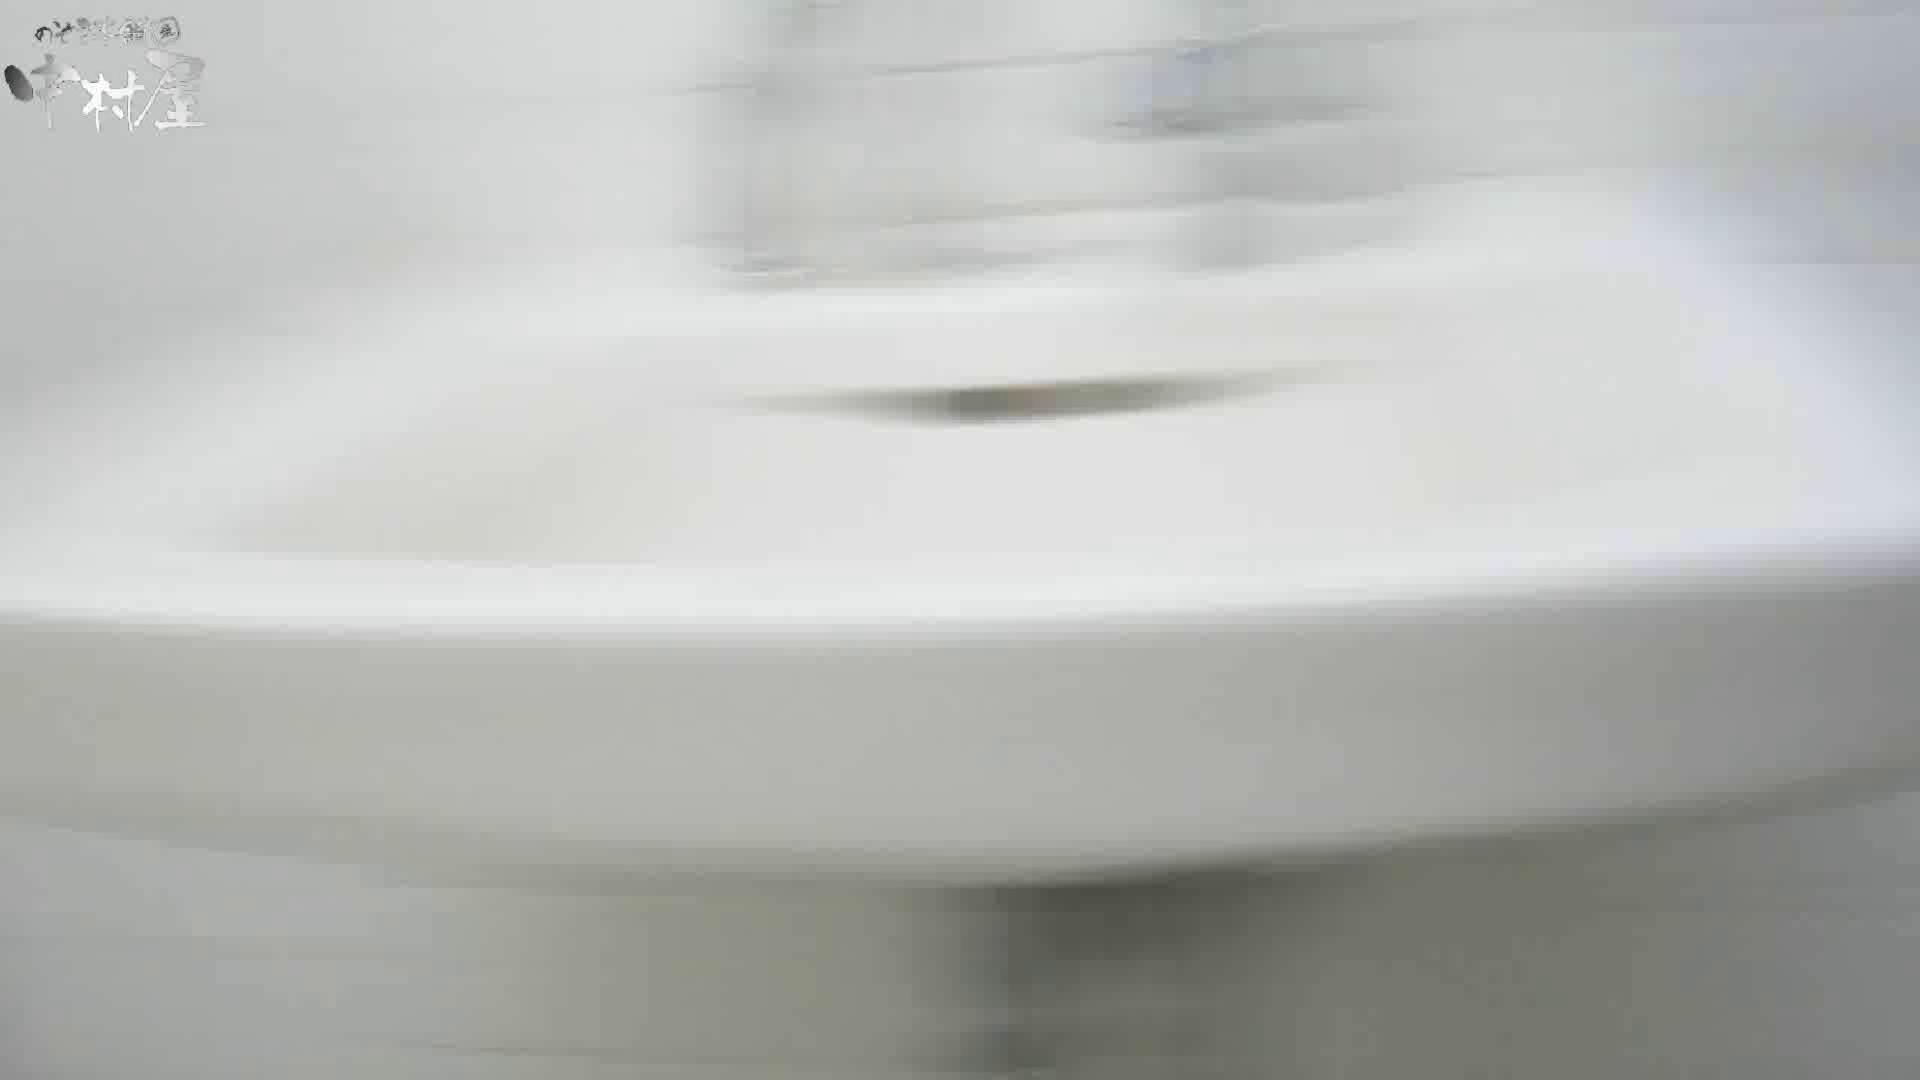 魂のかわや盗撮62連発! ロンハーギャル! 45発目! 黄金水 | 盗撮シリーズ  102PIX 82